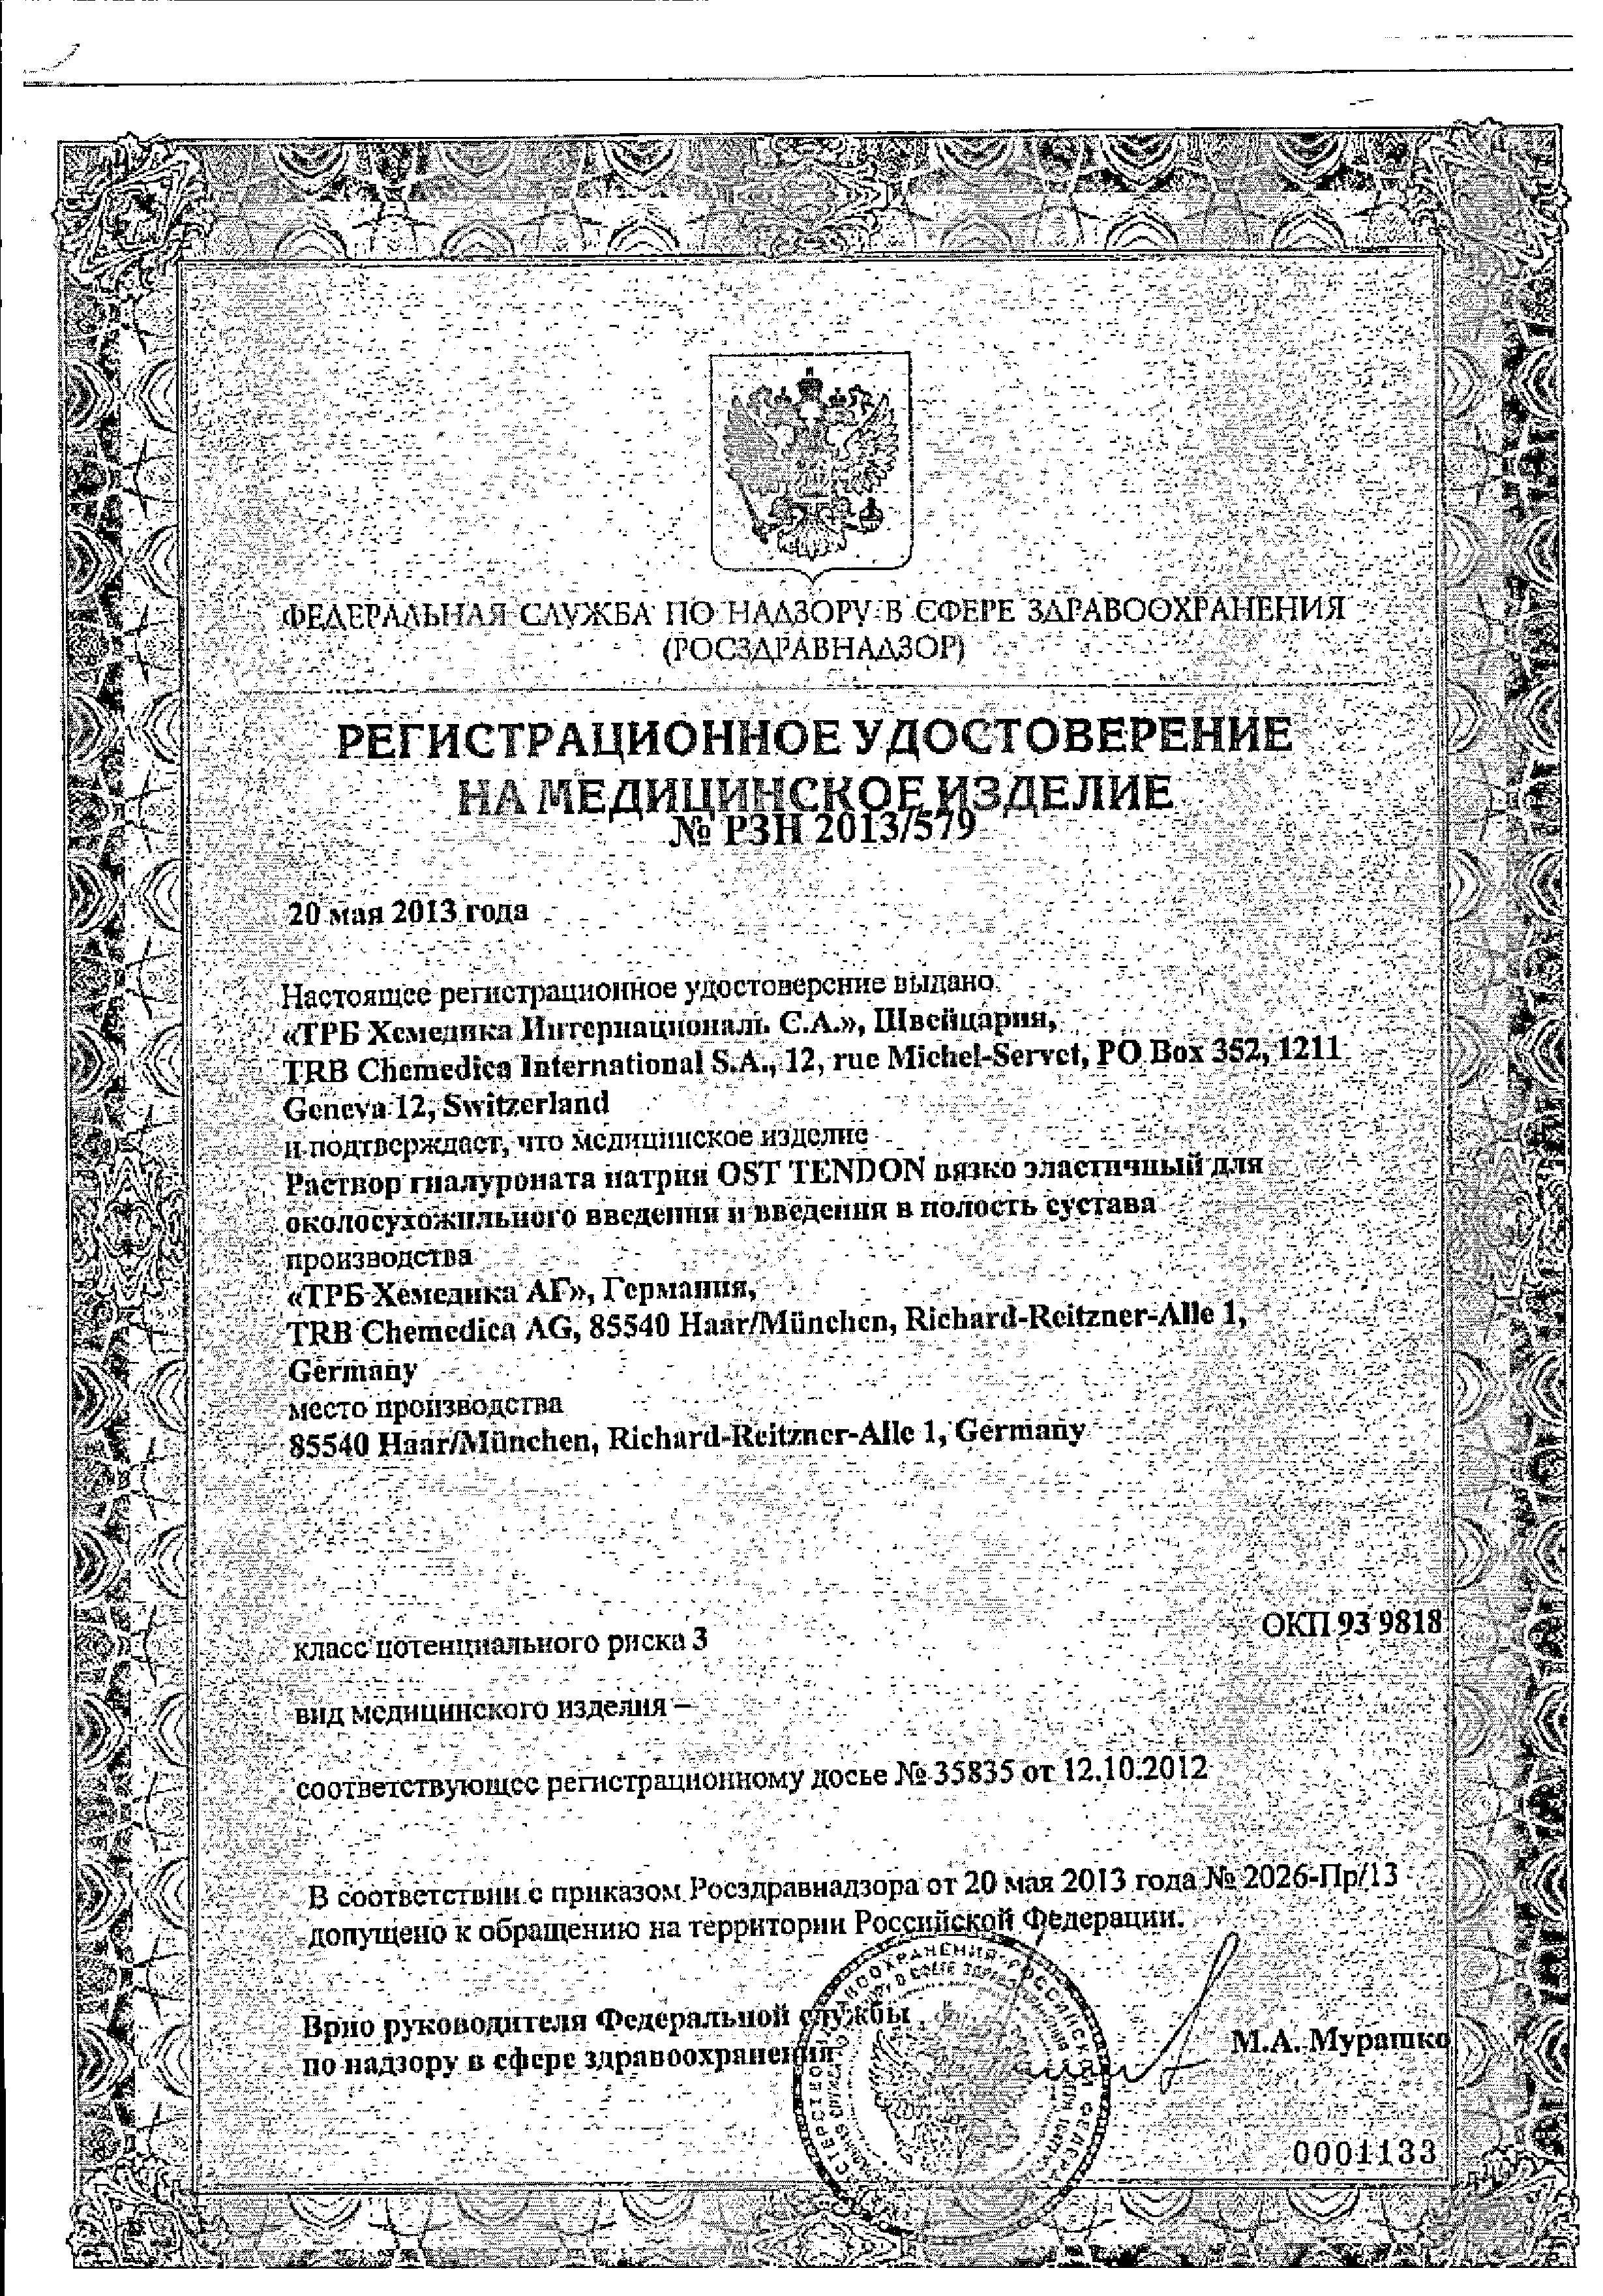 Ost Tendon раствор гиалуроната натрия сертификат